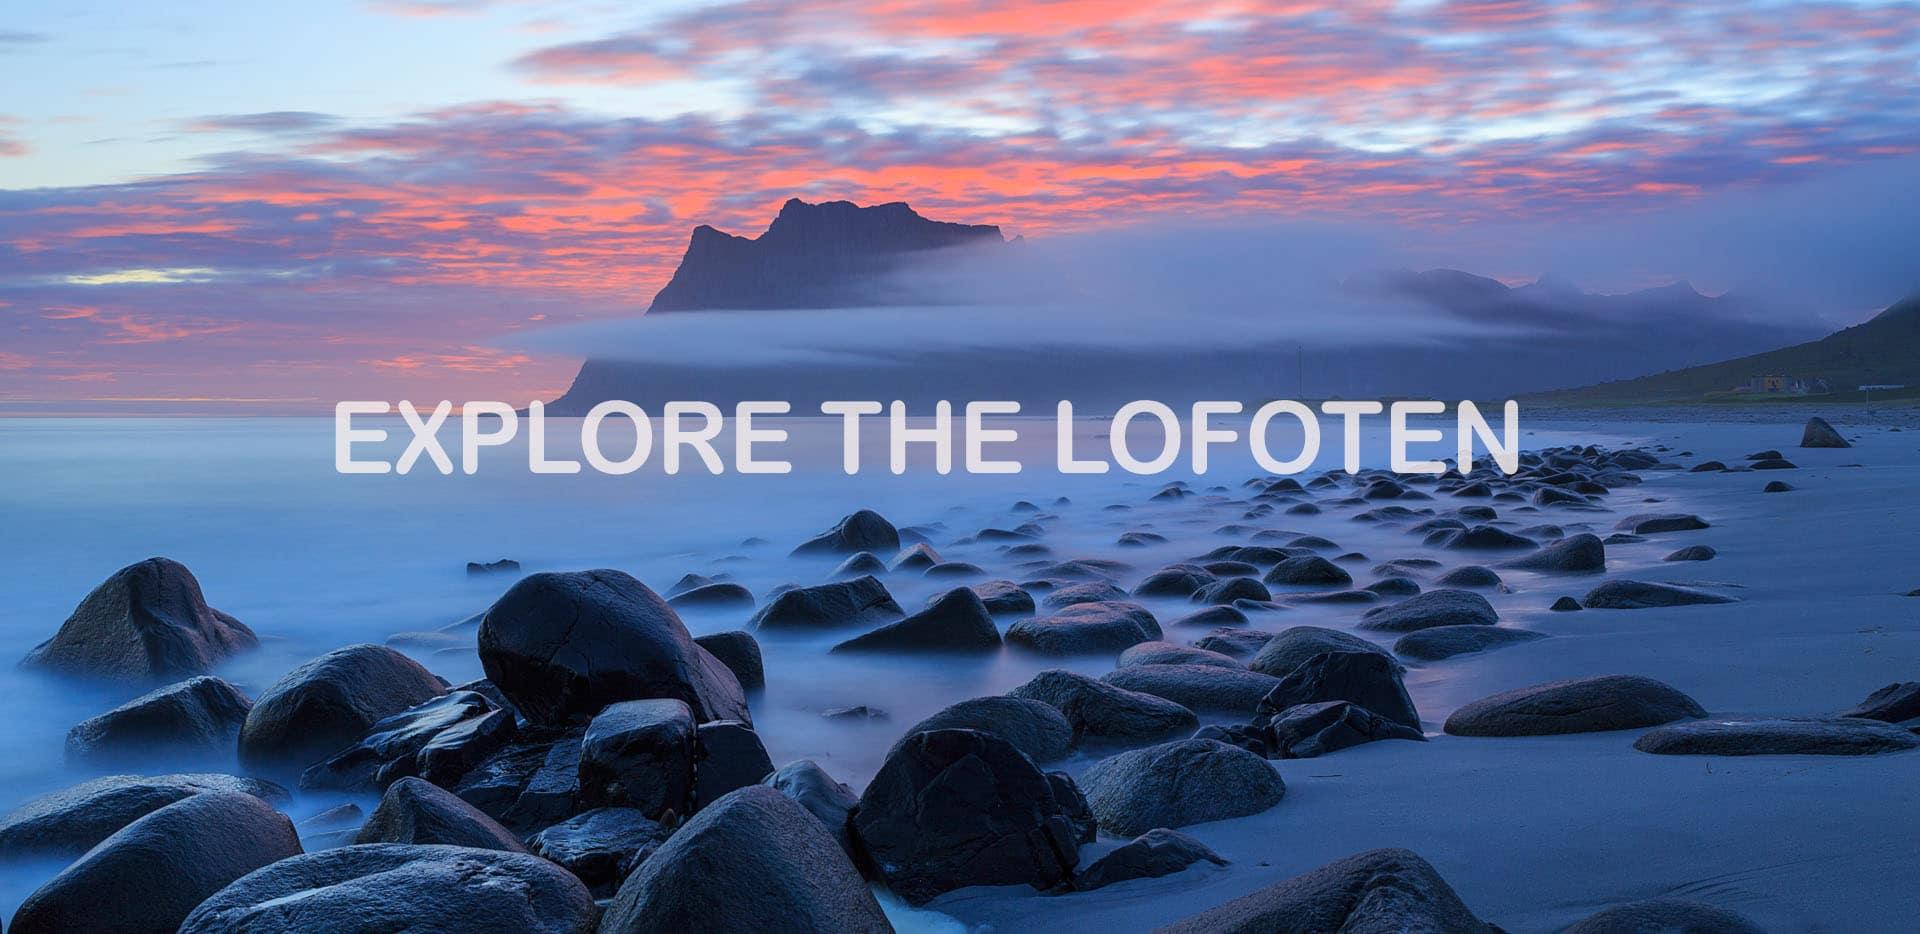 Explore the Lofoten